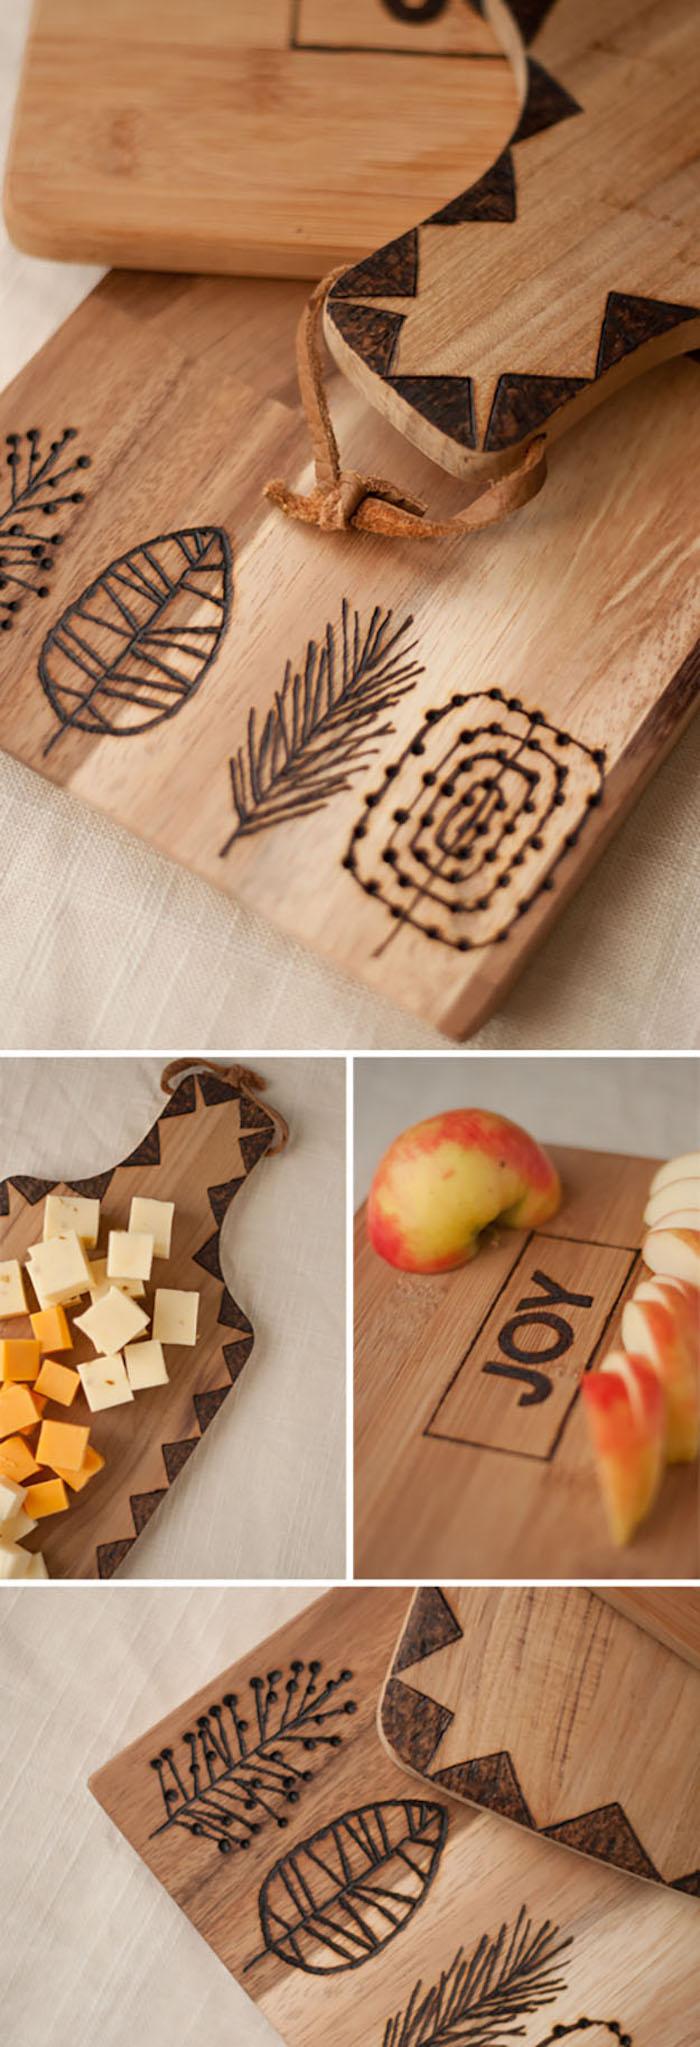 DIY planche avec dessins sur bois, cadeau mariage original, cadeau anniversaire de mariage